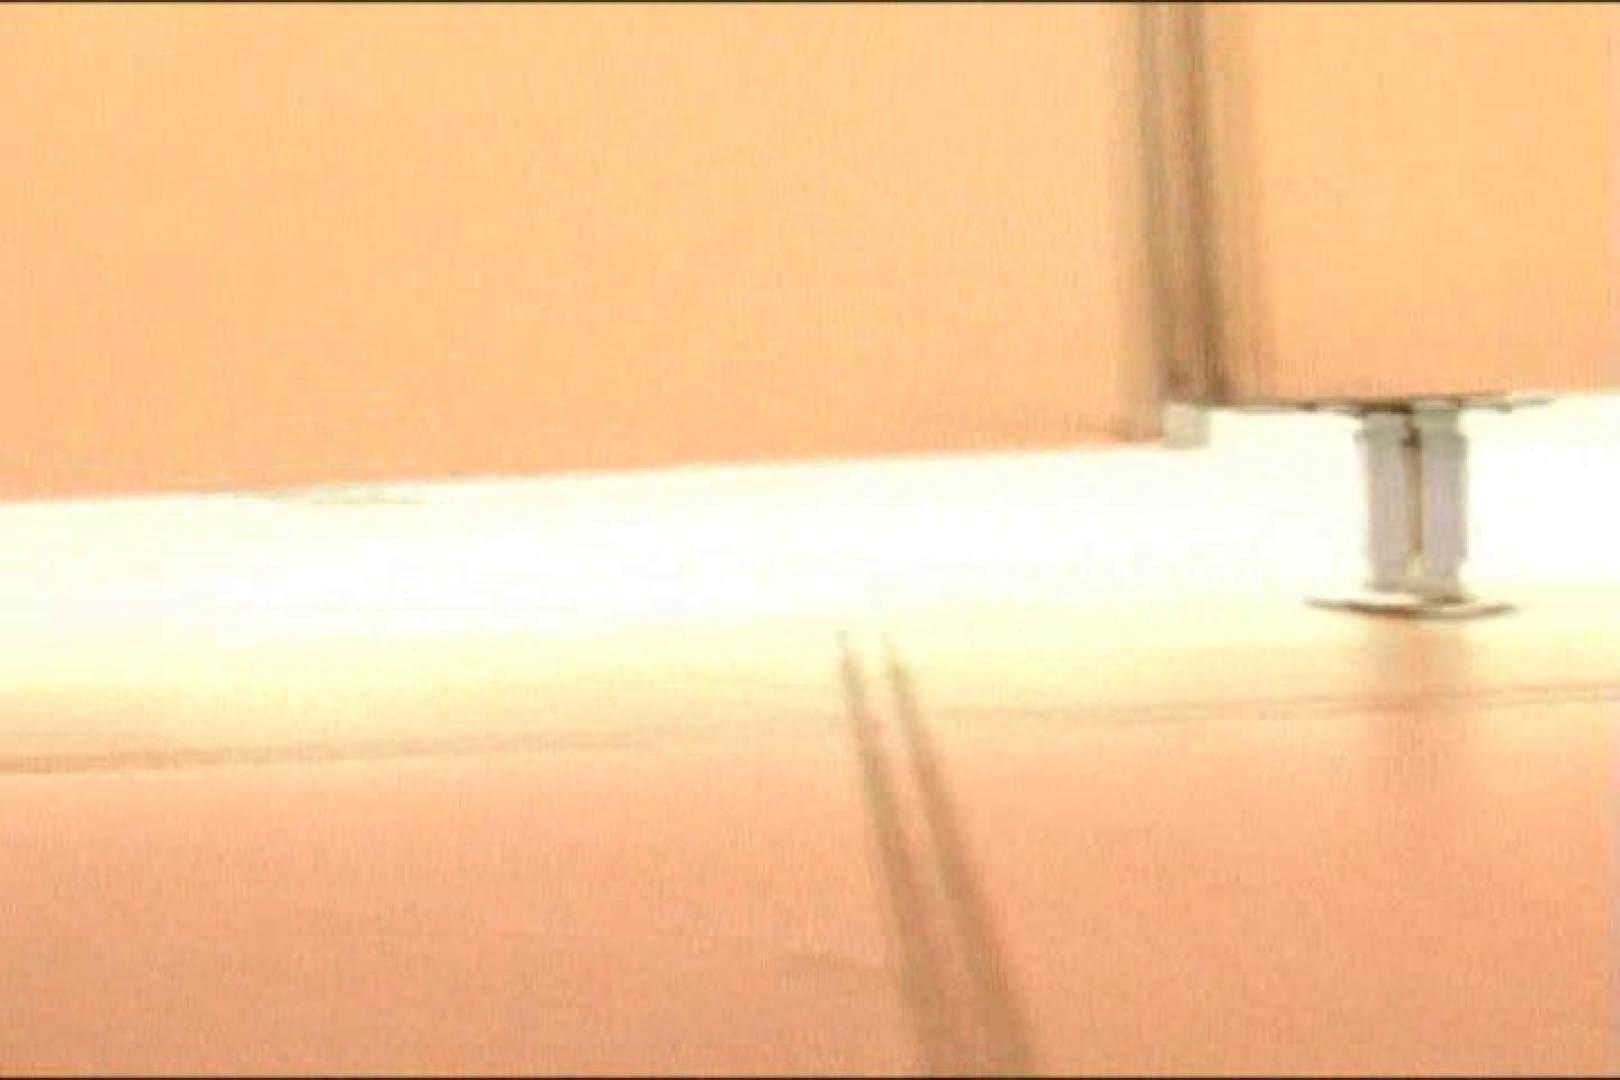 マンコ丸見え女子洗面所Vol.5 盗撮師作品 エロ無料画像 93pic 66